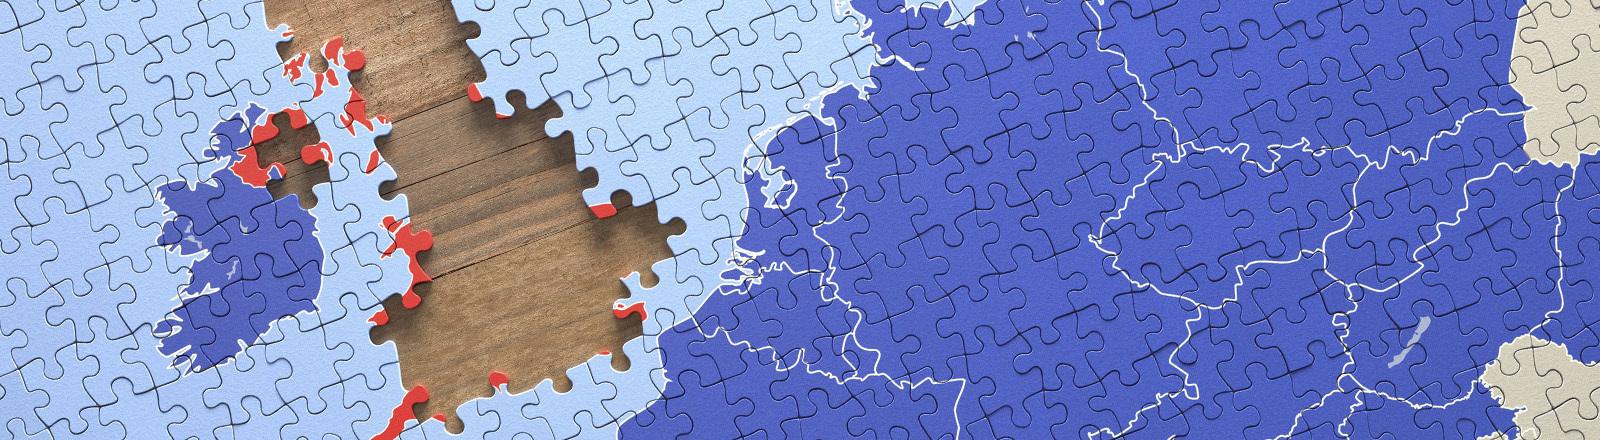 Großbritannien aus einem Puzzle entfernt